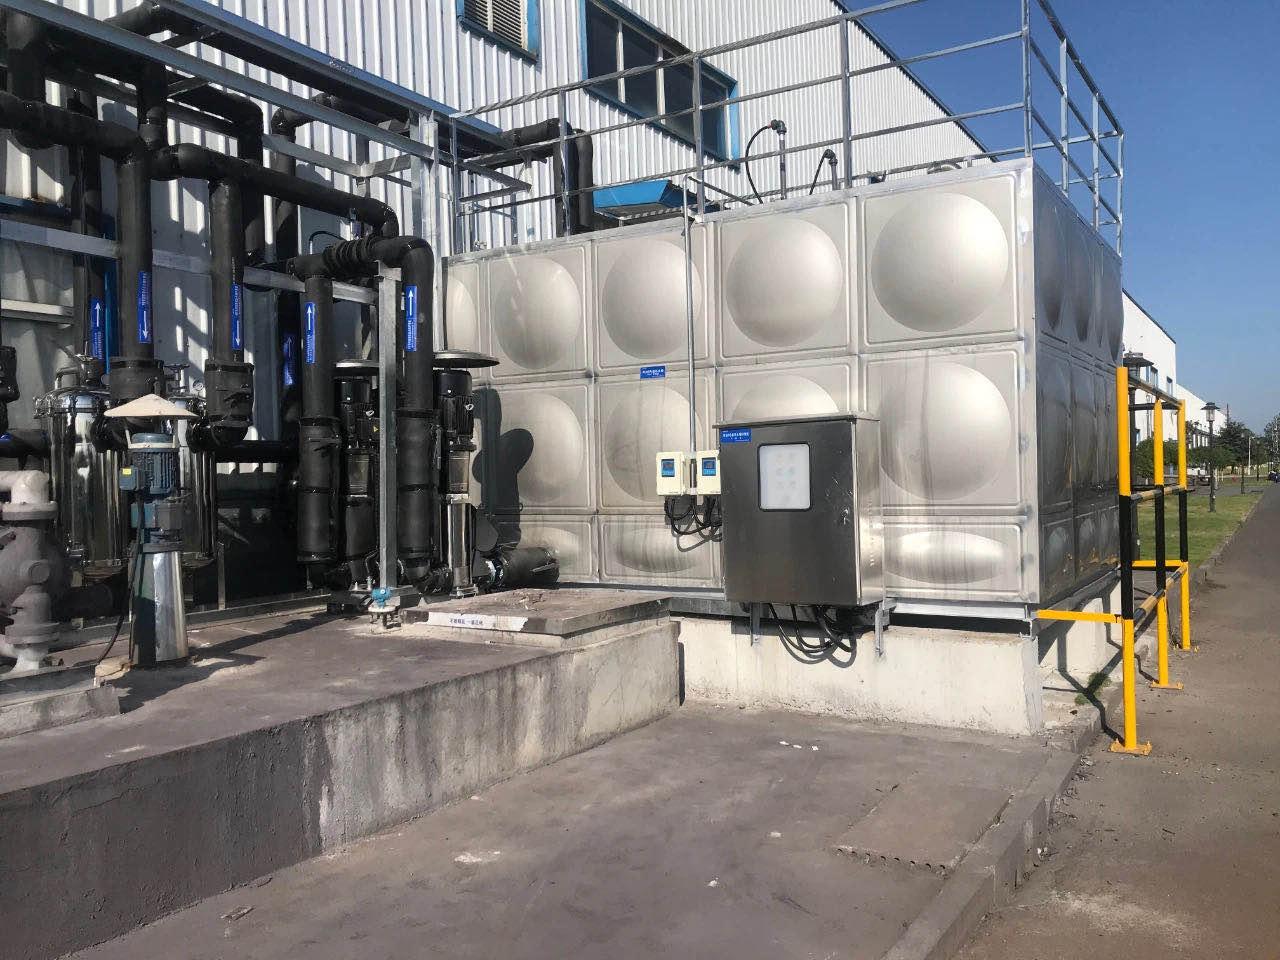 求精集团正式推出不锈钢水箱业务